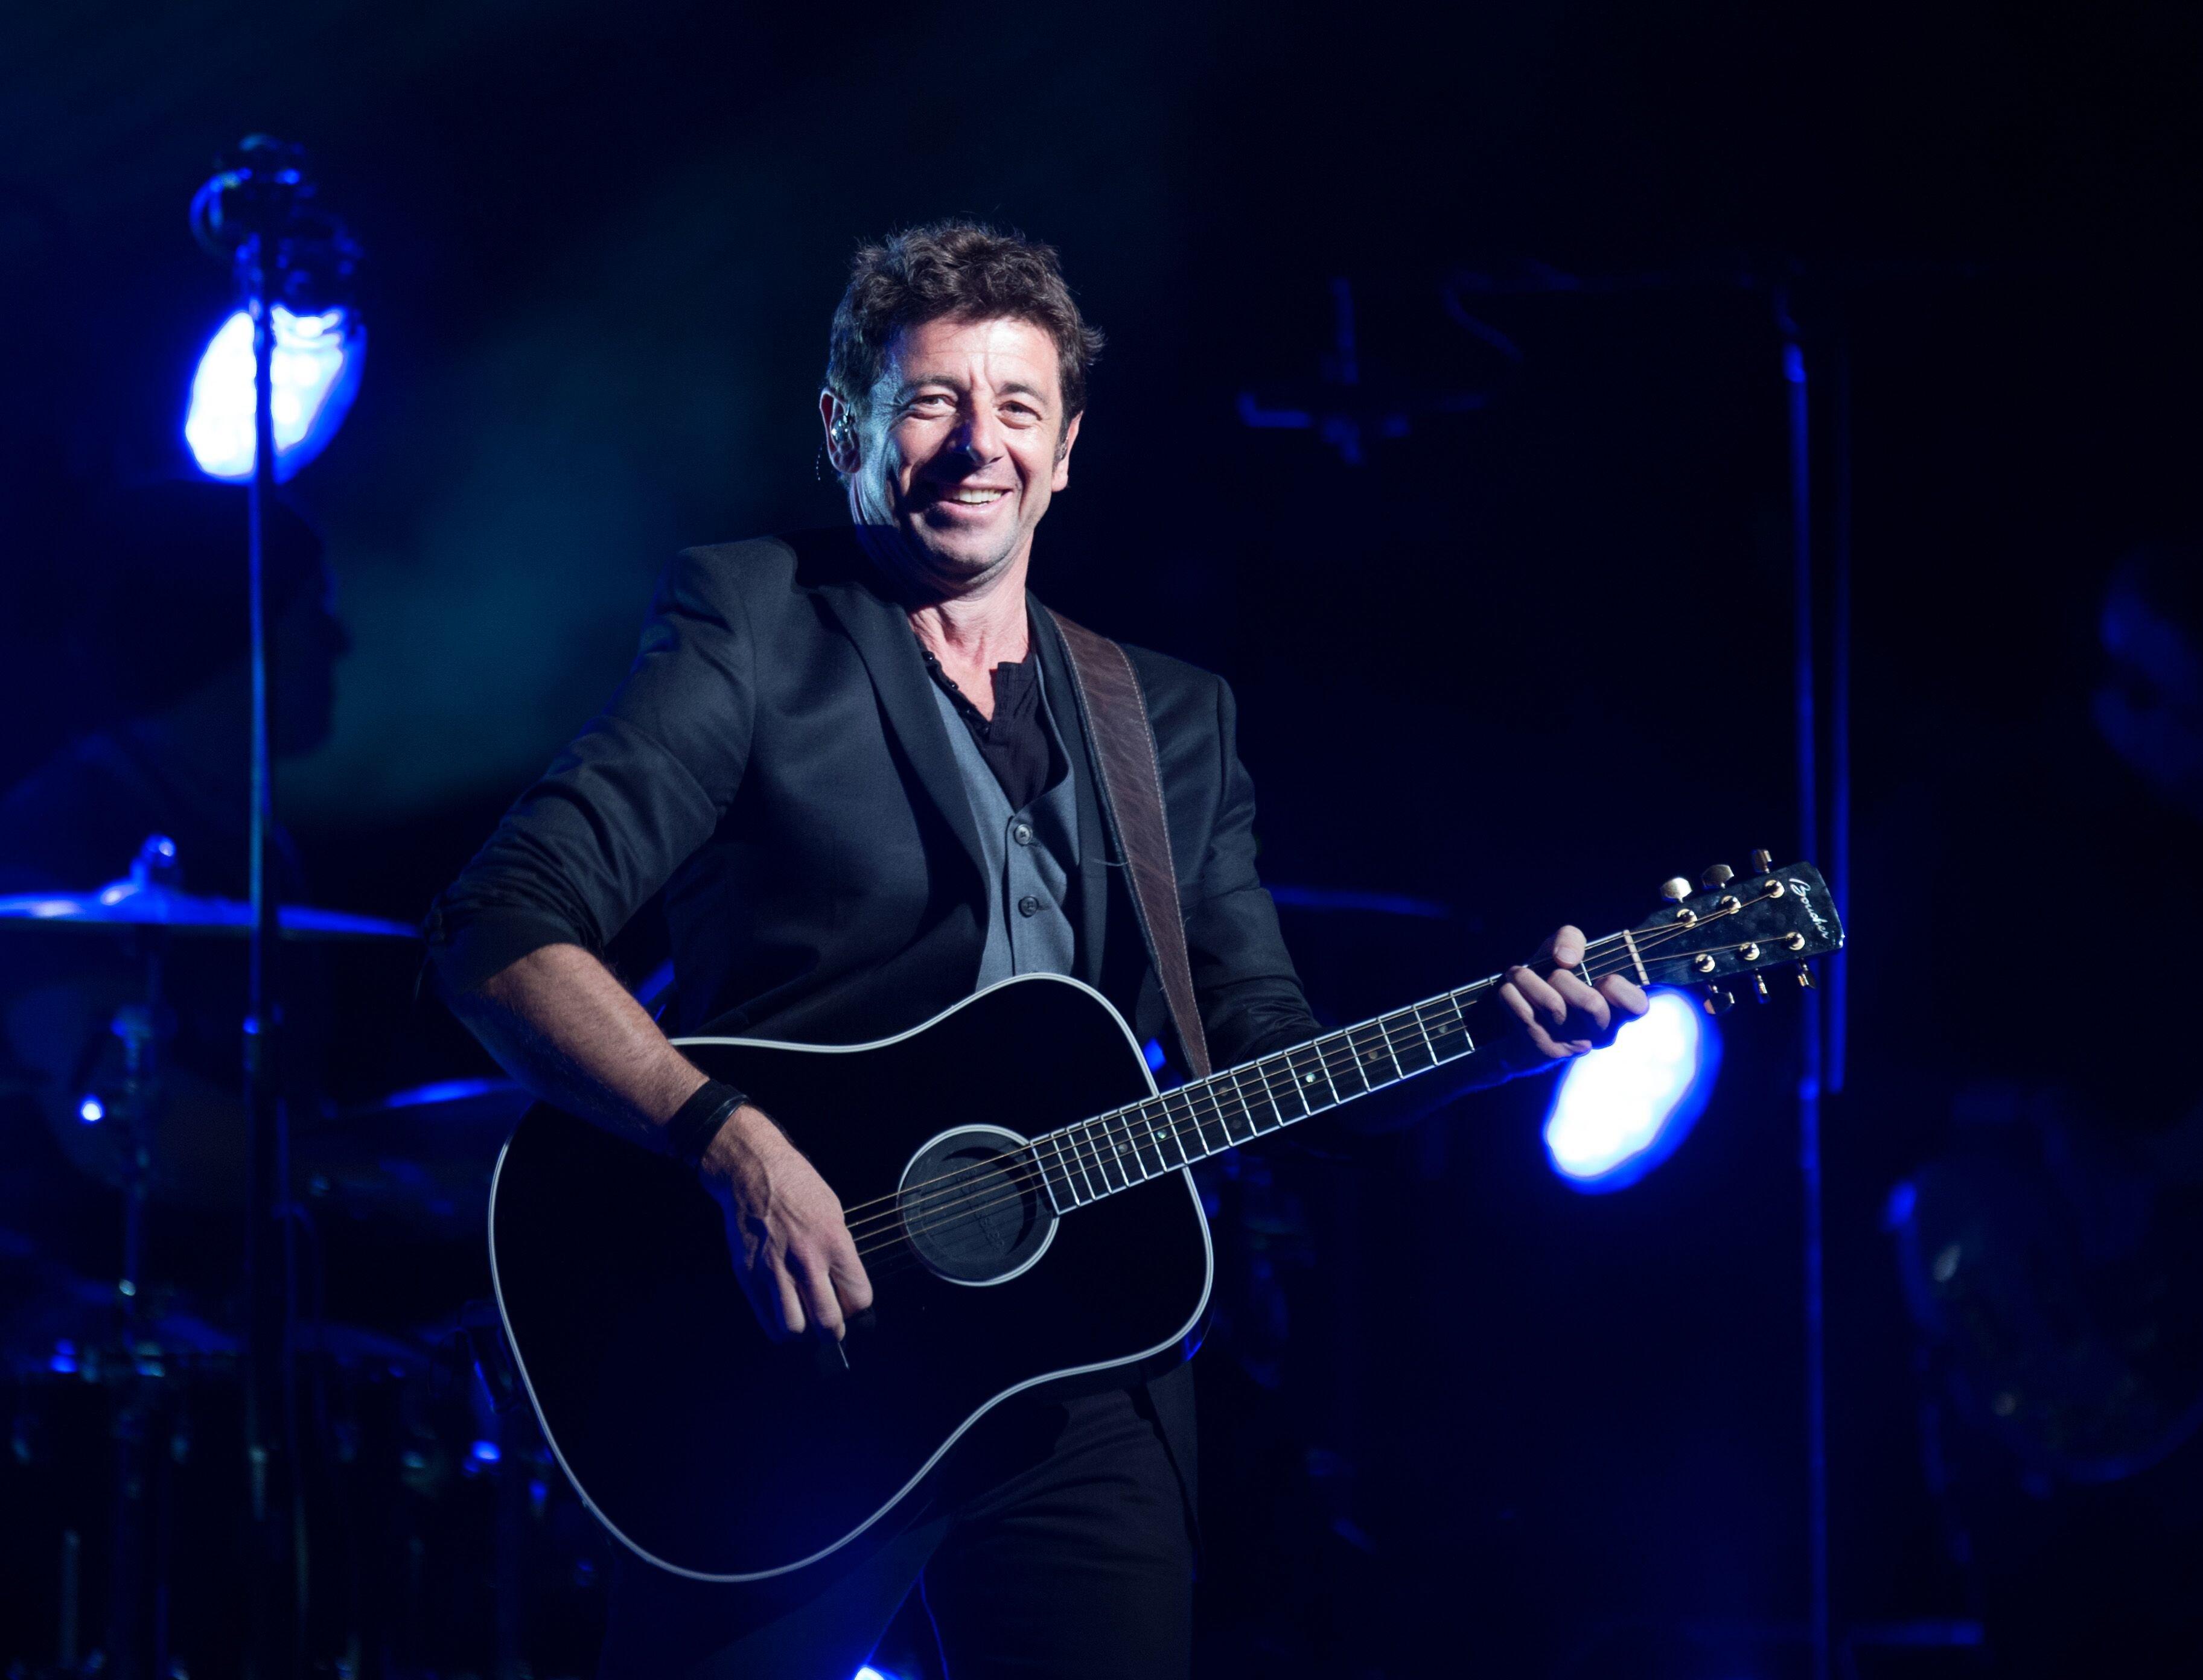 Patrick Bruel sur scène. l Source : Getty Images